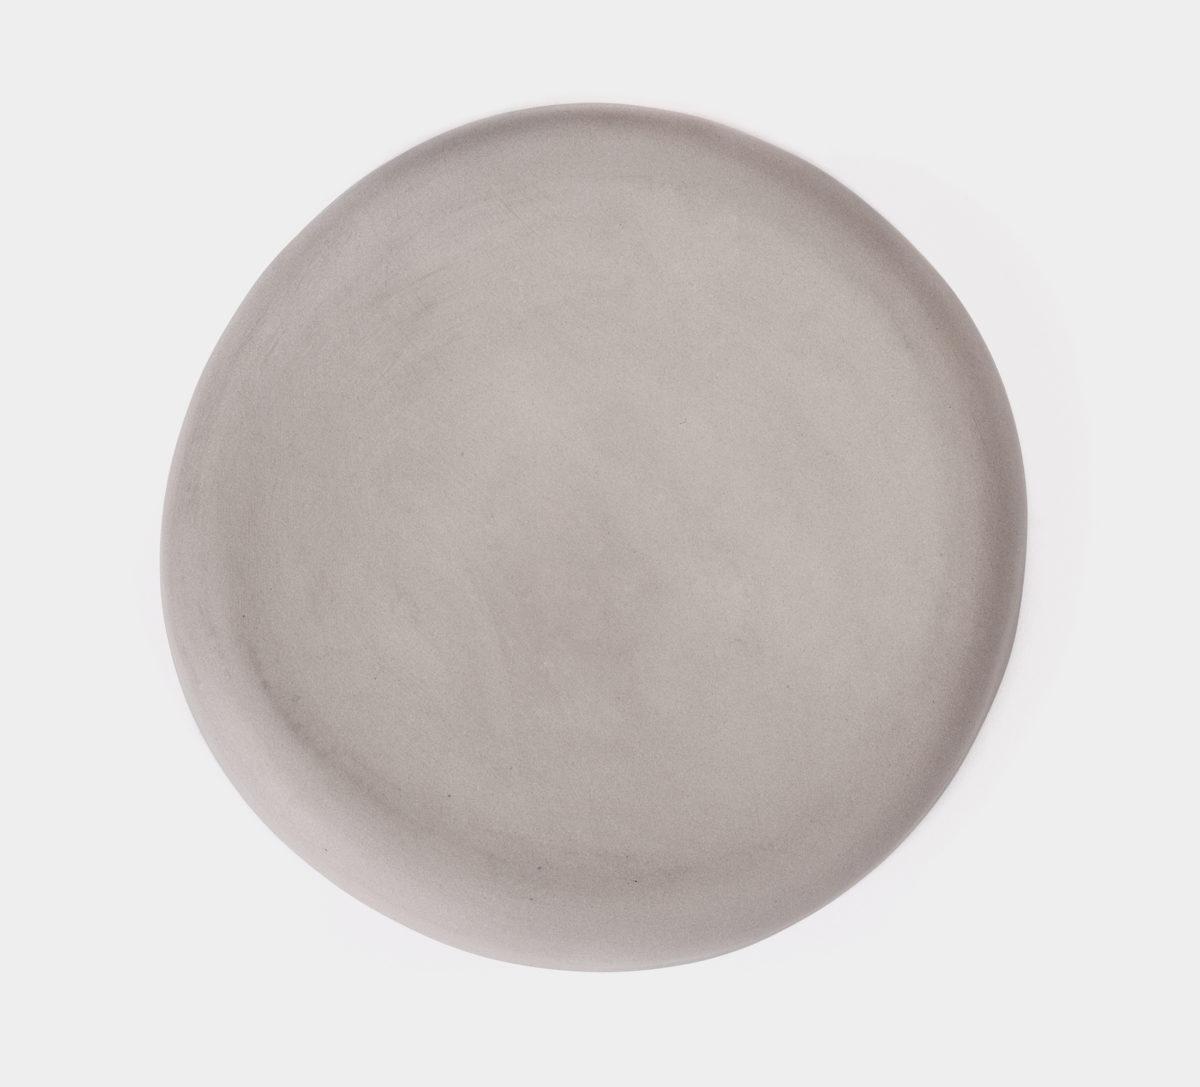 Platter_light_grey_1a